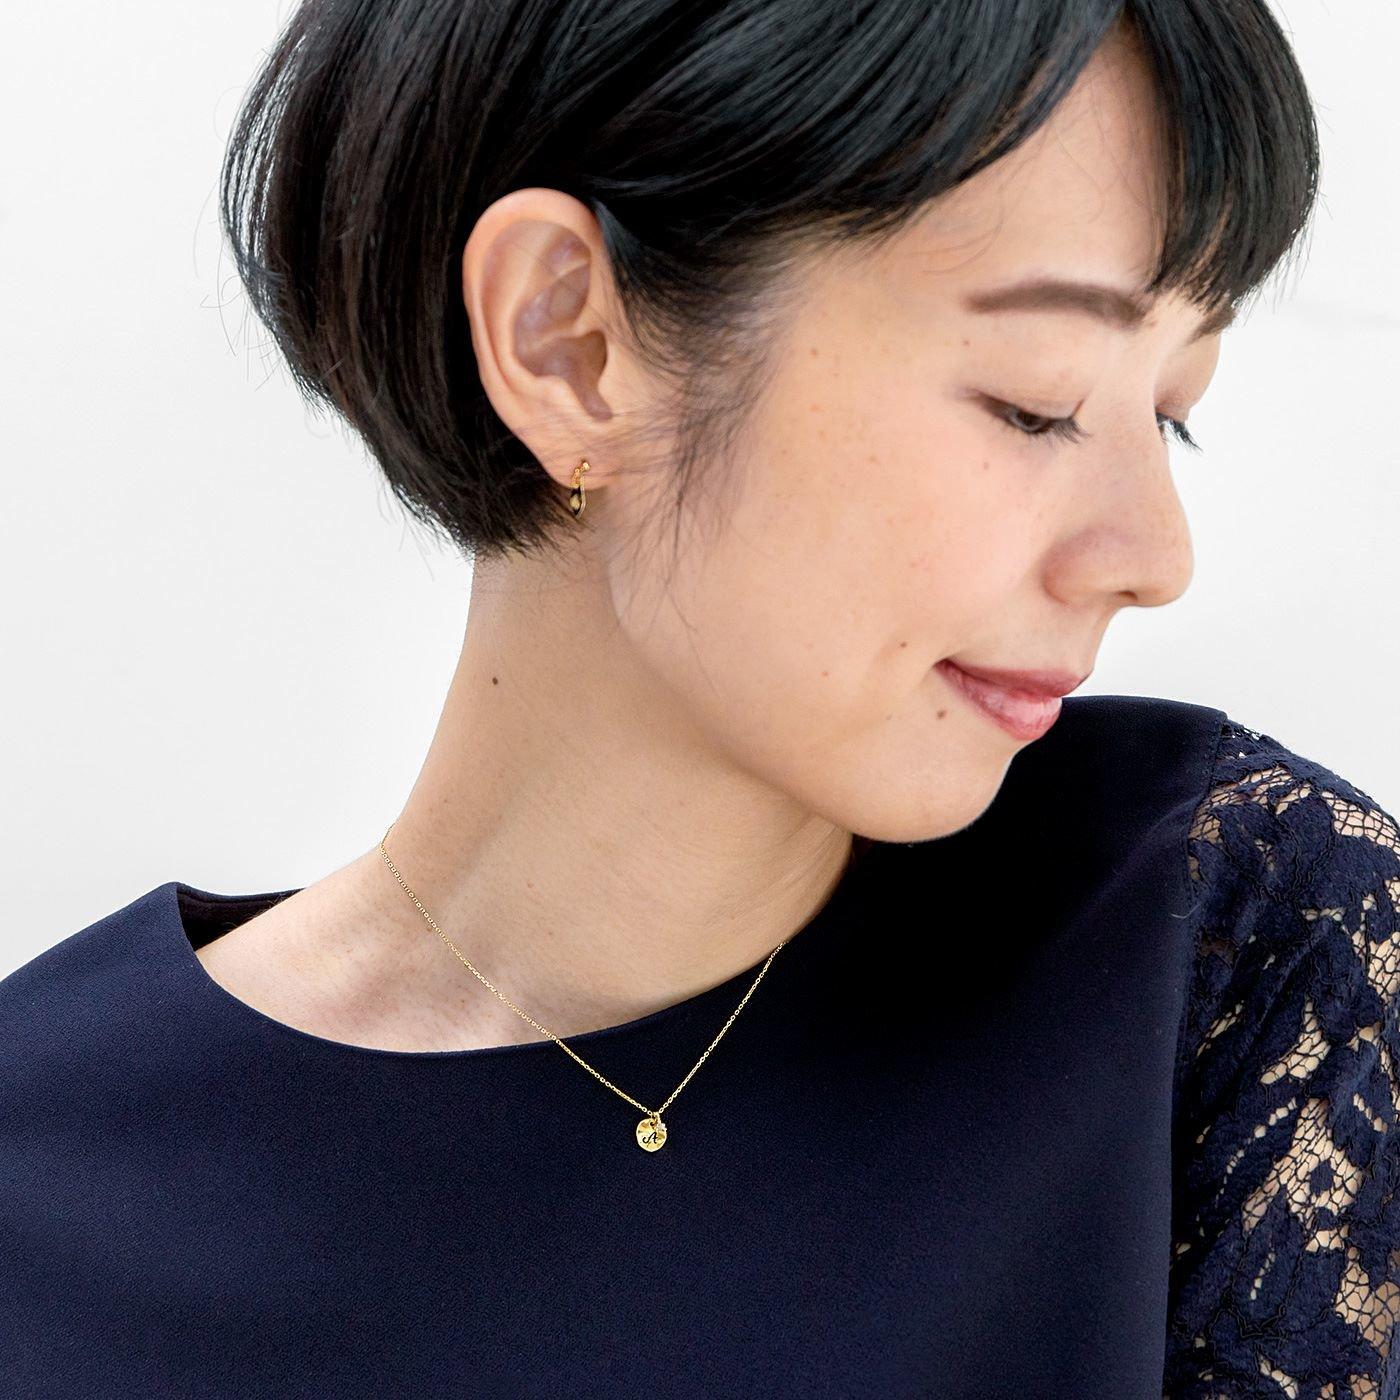 ダイヤモンドが寄り添う 小さなイニシャルプレートのネックレス